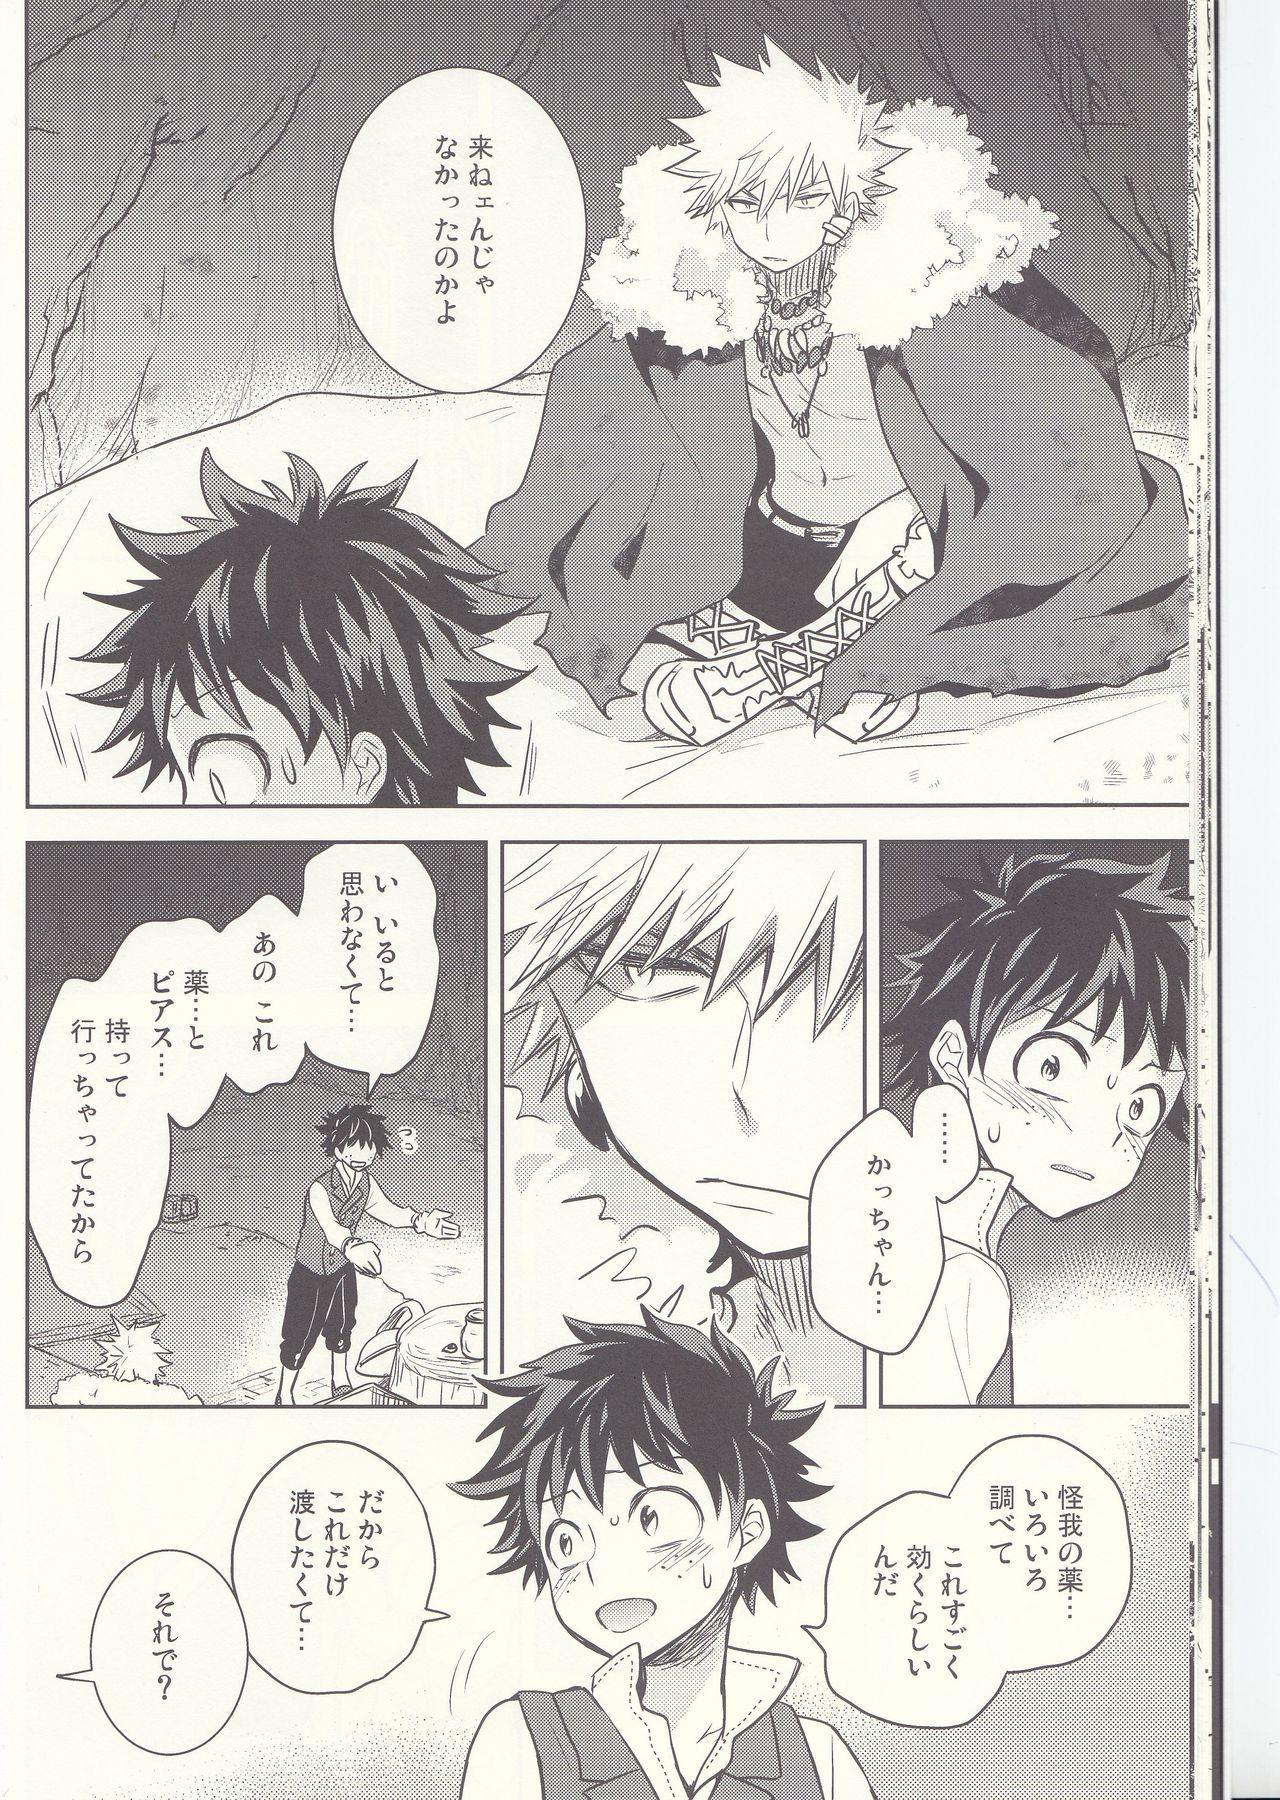 Akatsuki no Agito 16